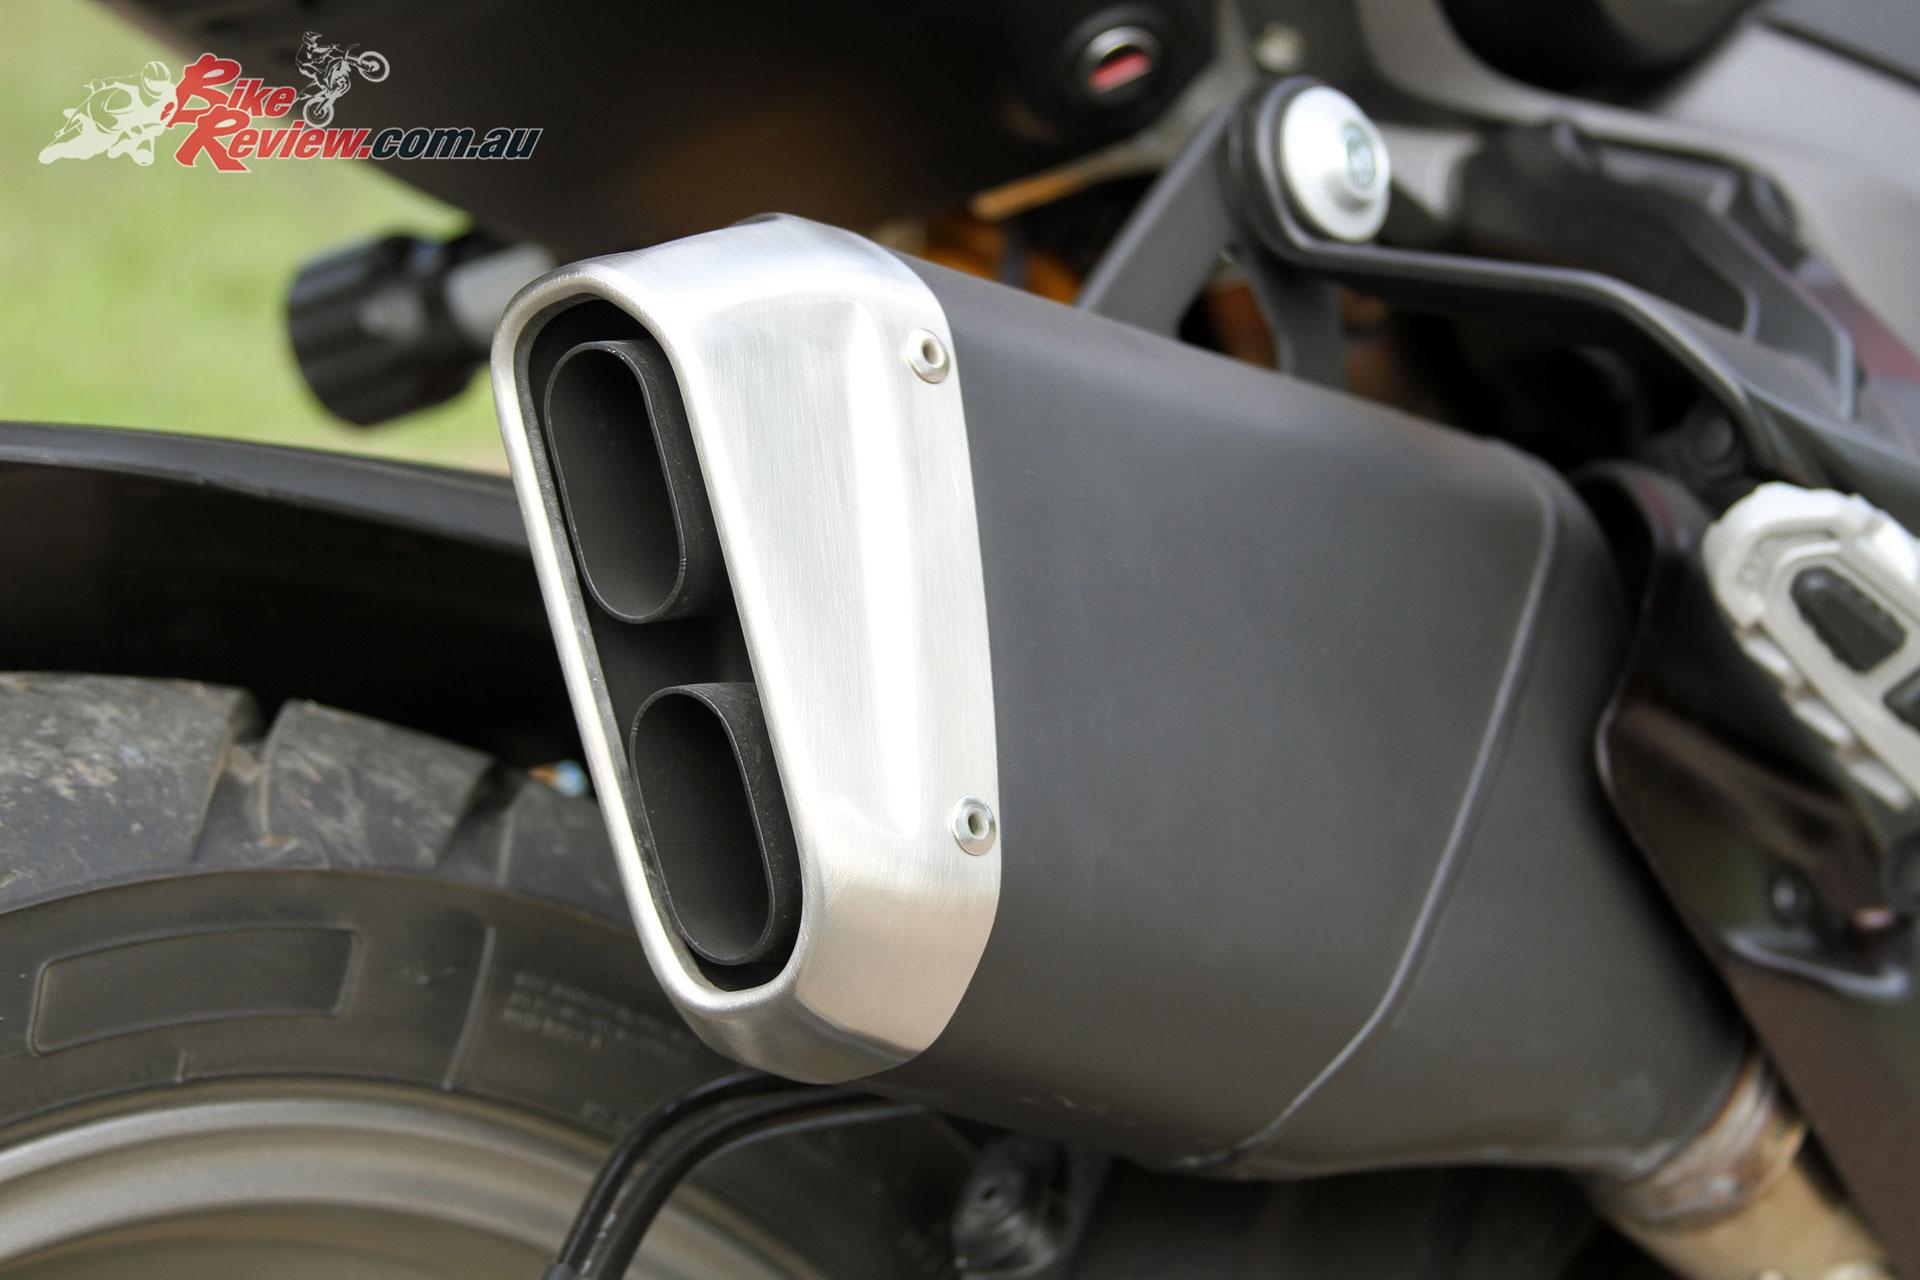 review: 2017 ducati multistrada 950 - bike review